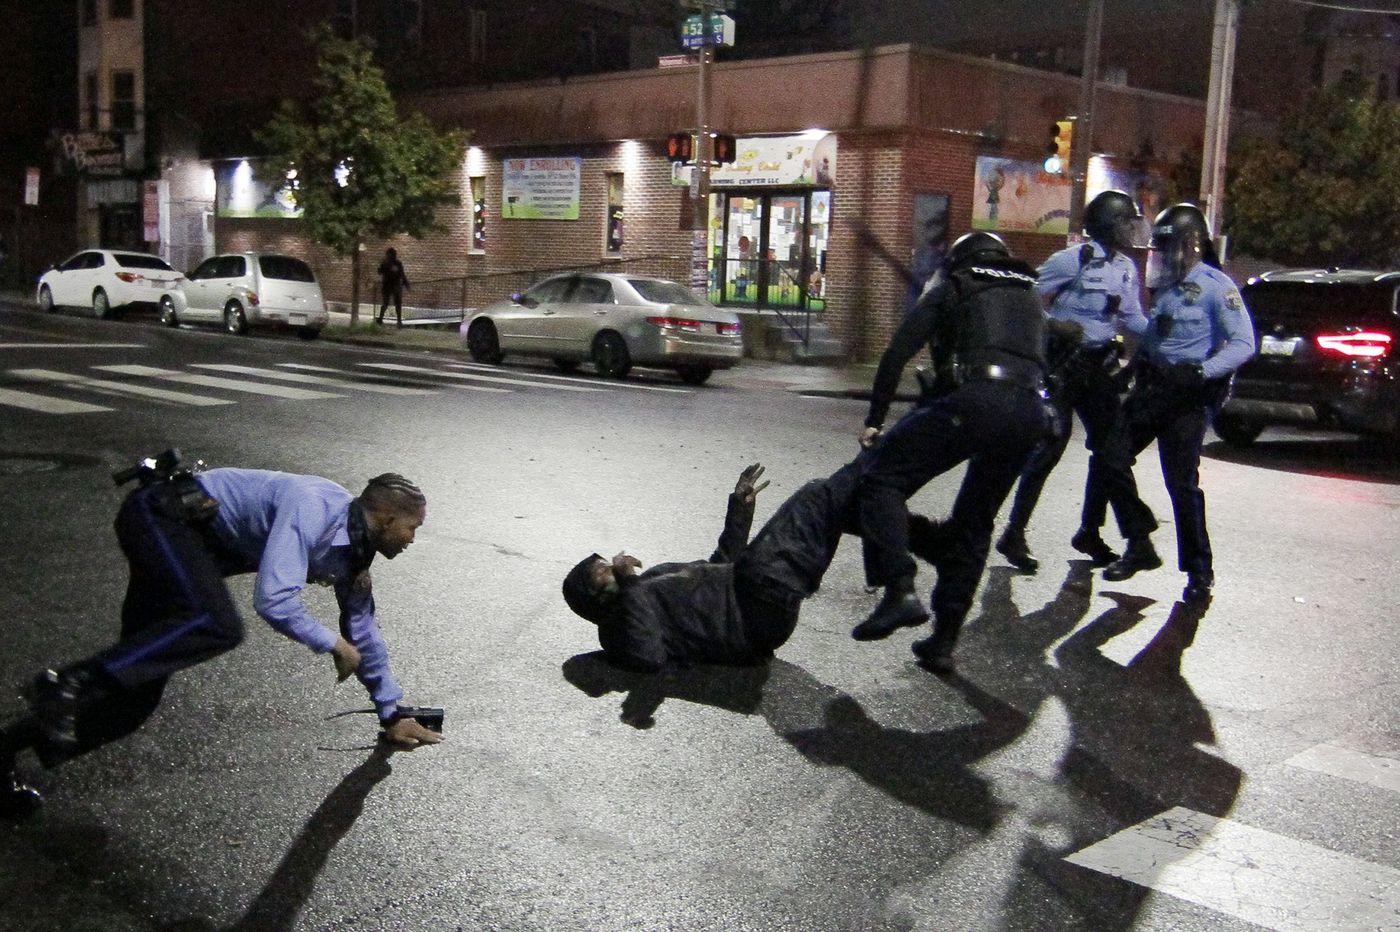 В США копы застрелили темнокожего и снова запустили массовые протесты – кадры погромов и грабежей